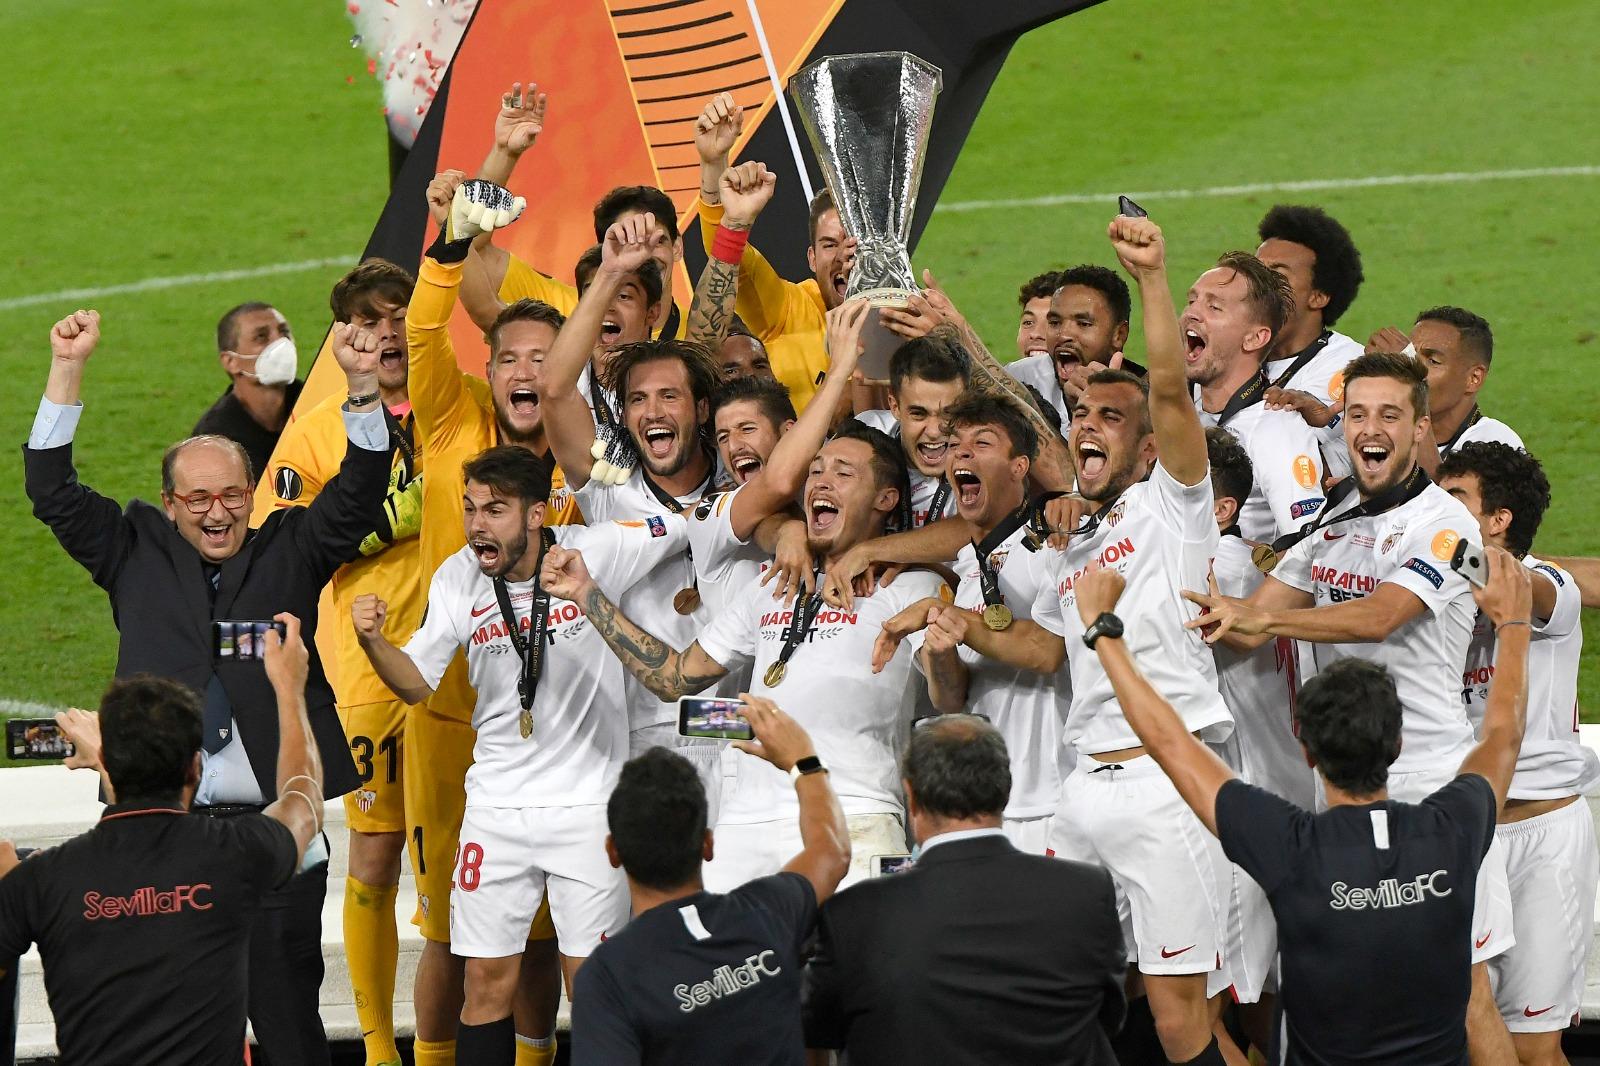 El Sevilla F.C. vuelve a casa con su sexta copa de la Europa League